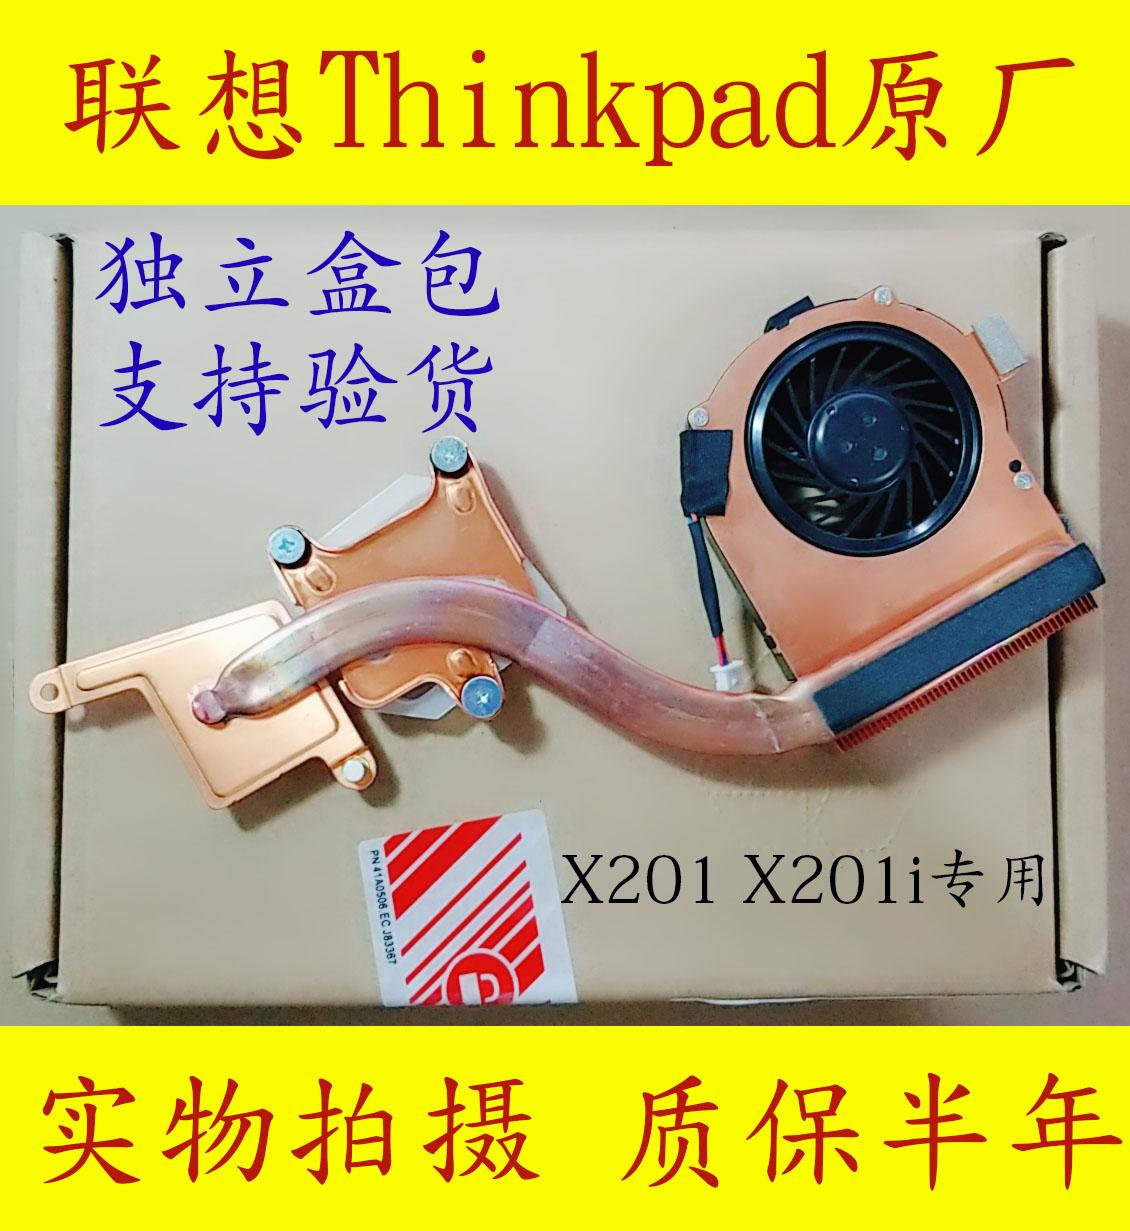 全新原装联想THINKPADX200 X201 X201i风扇 散热器FRU 60Y5422